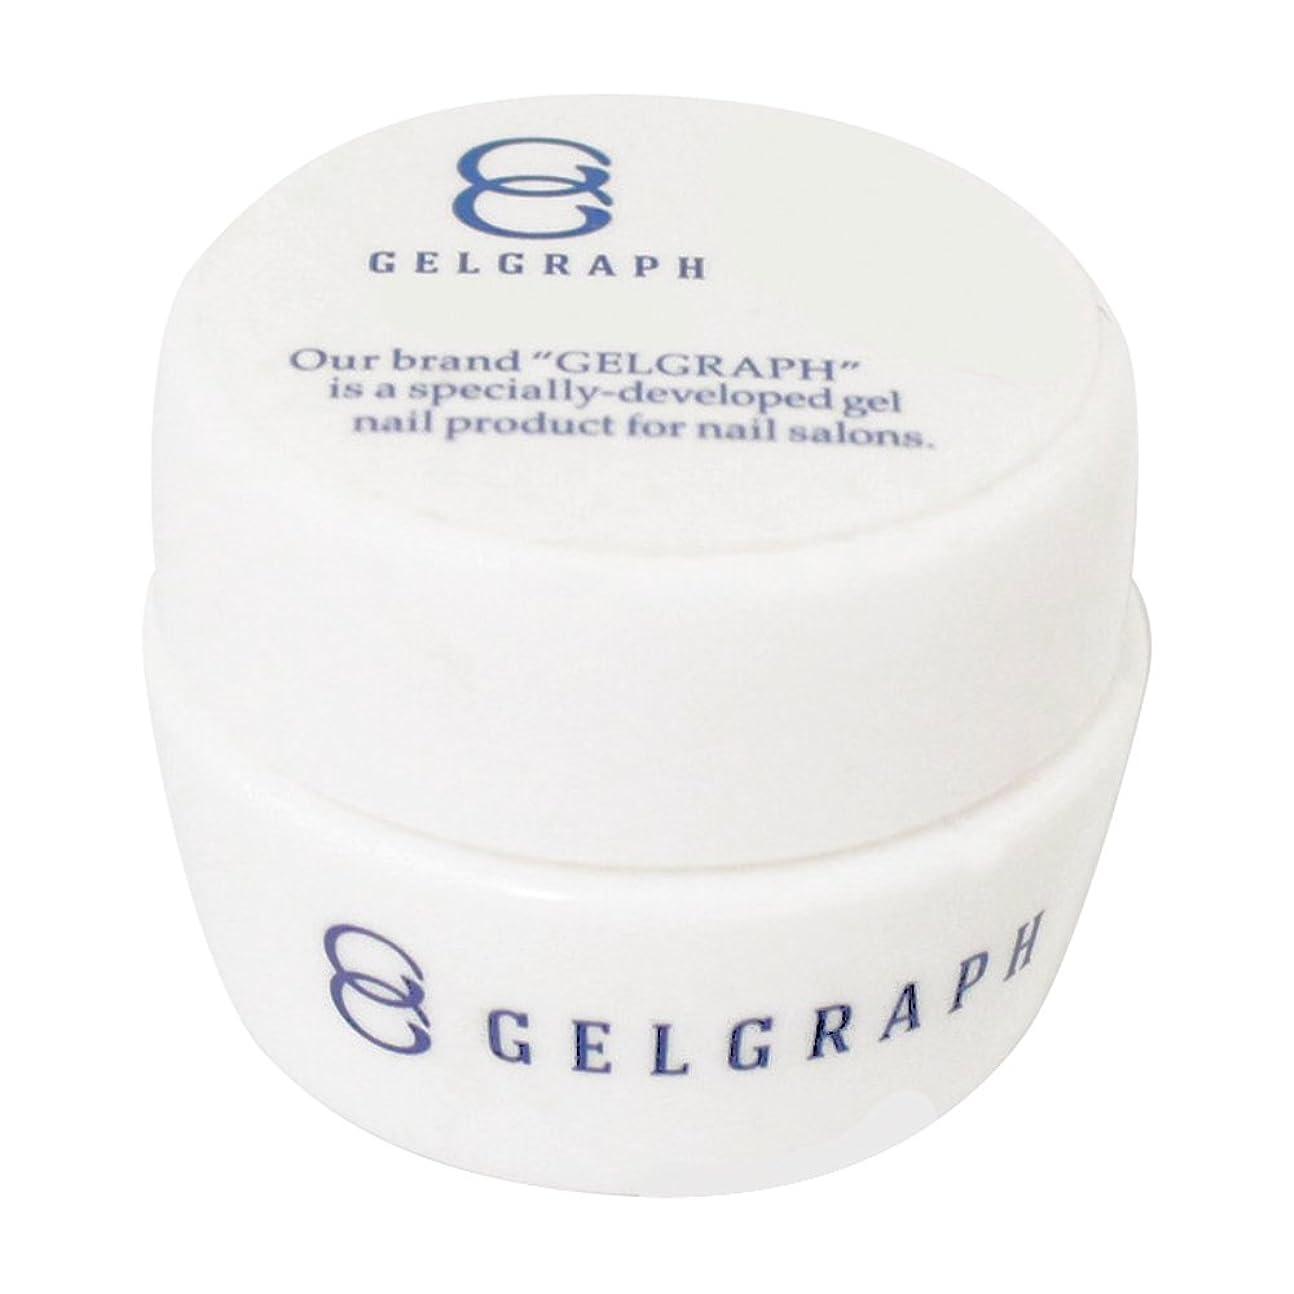 バスルーム反応する同種のGELGRAPH カラージェル 079M ブルーラグーン 5g UV/LED対応 ソークオフジェル